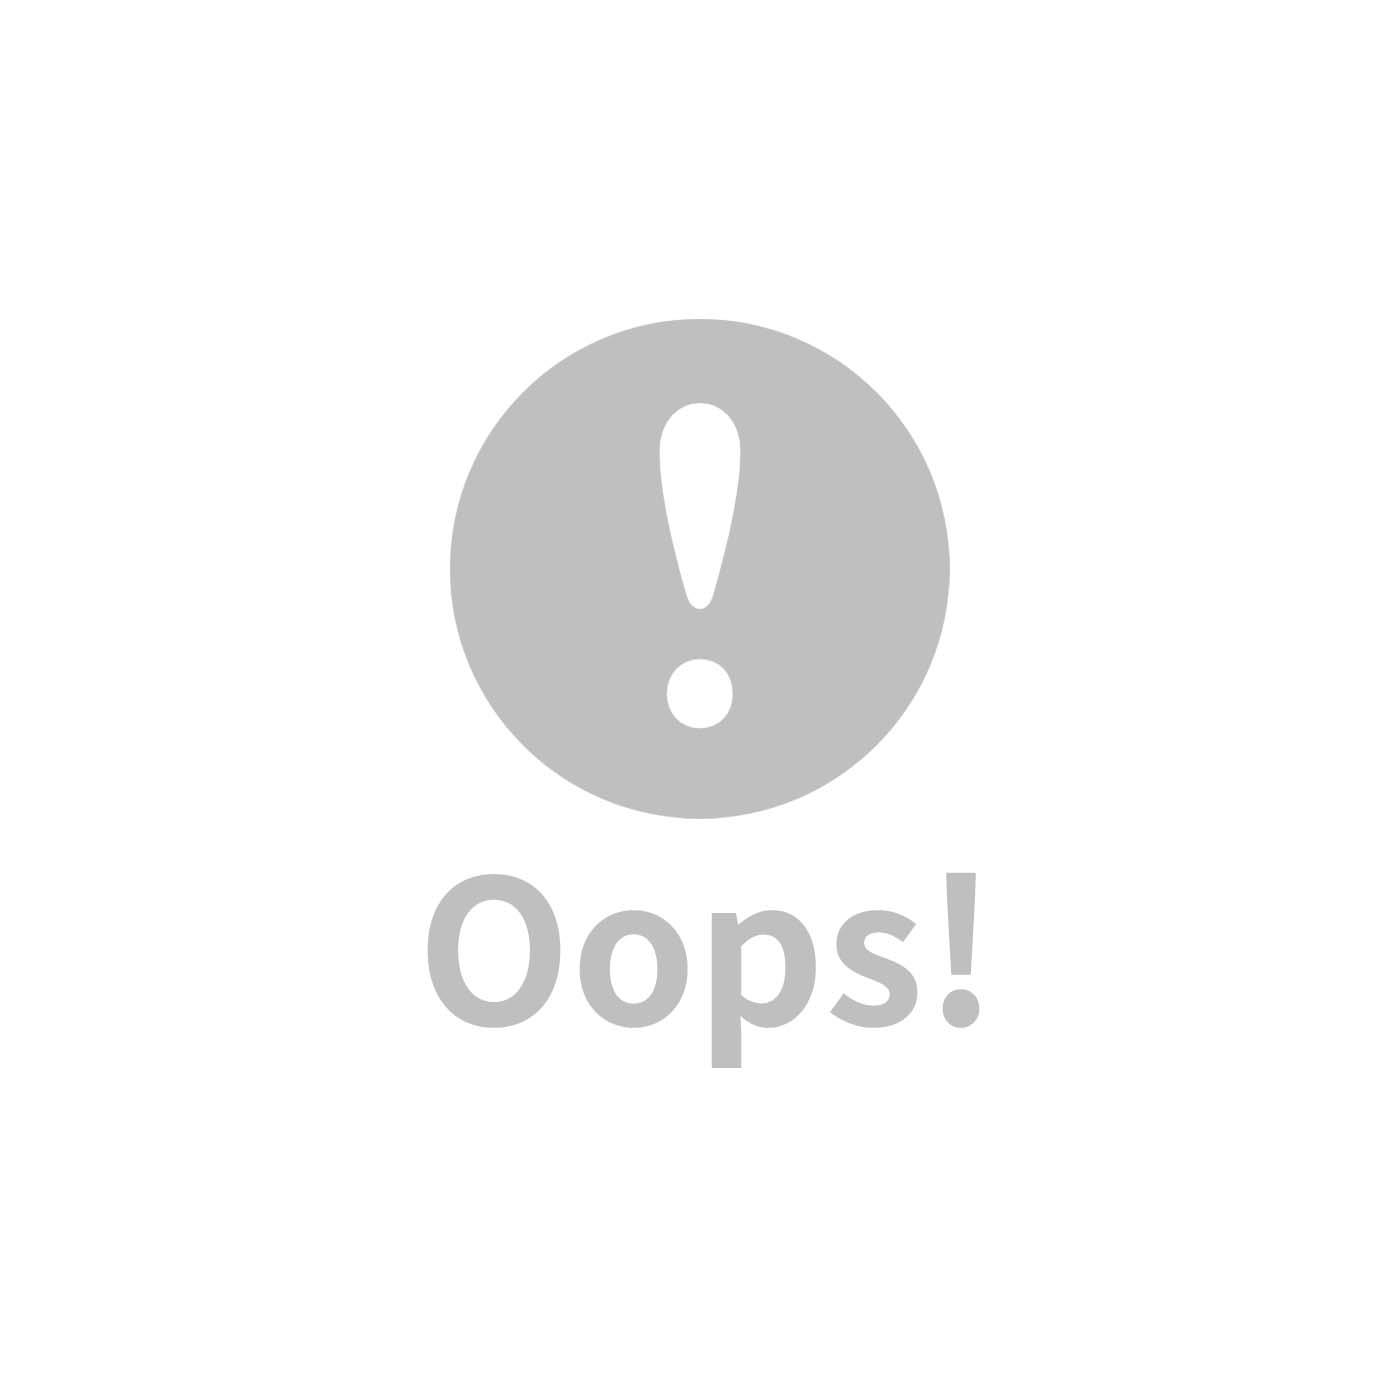 global affairs 童話手工編織安撫玩偶(36cm)-費歐娜